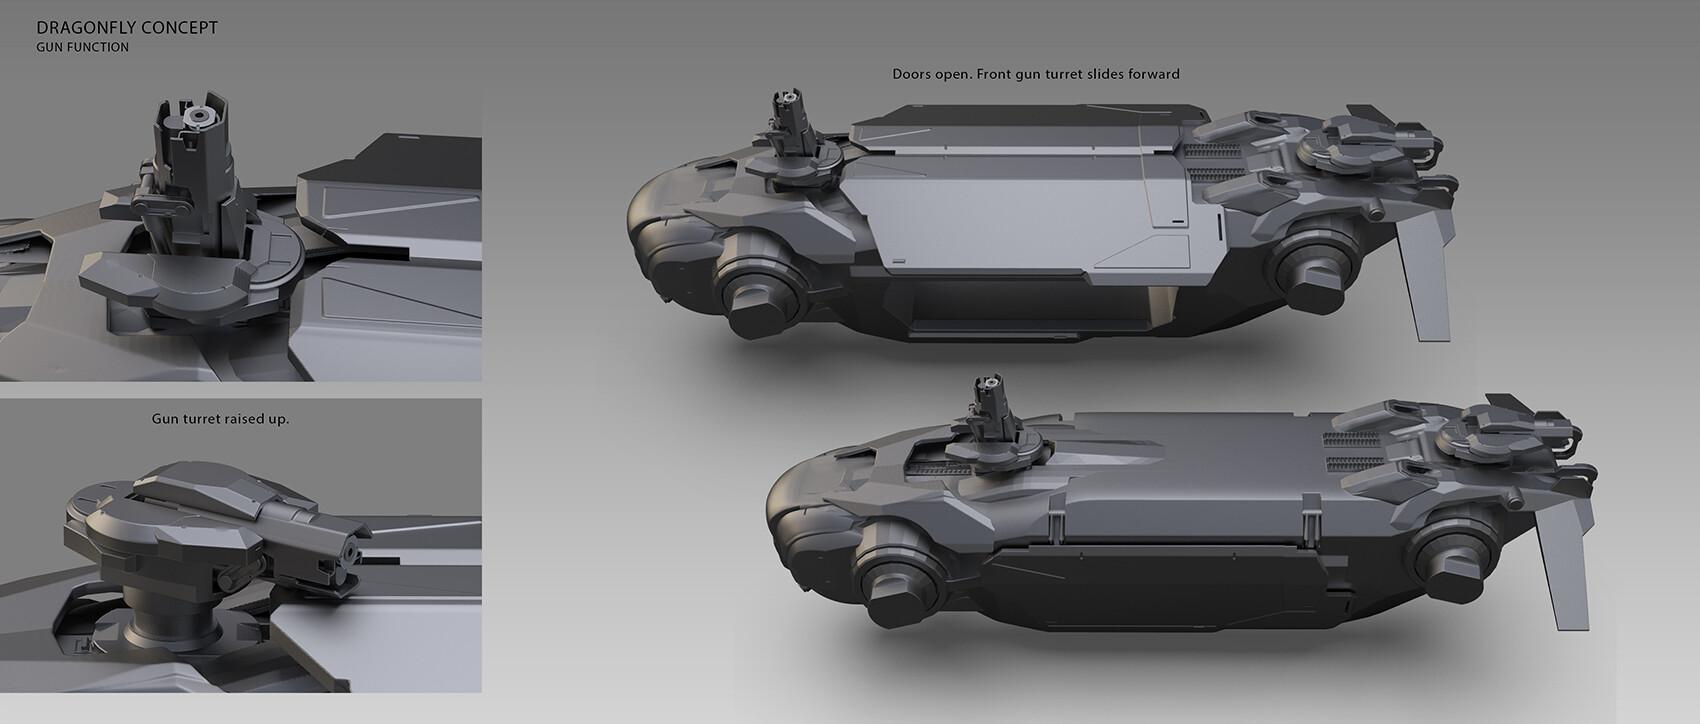 Alex ichim dragonfly concept gun